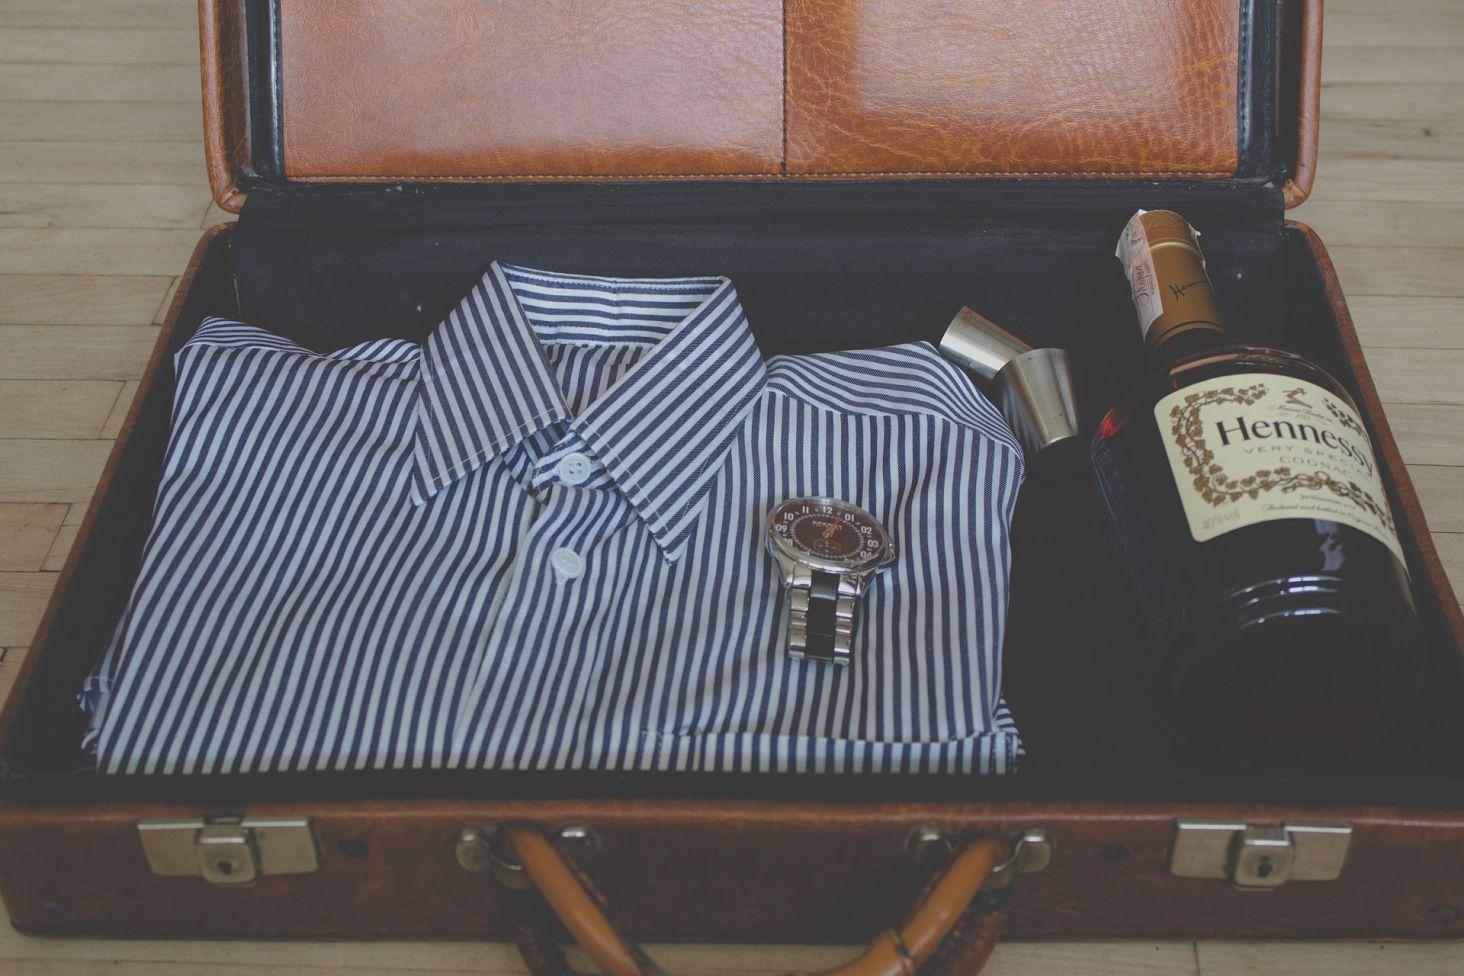 f8346b57be21e Umiejętność pakowania bagażu podręcznego bywa niezwykle przydatna. Tym  bardziej, gdy wyjeżdżamy tylko na kilka dni i mała, podręczna walizka  pozwoli na ...